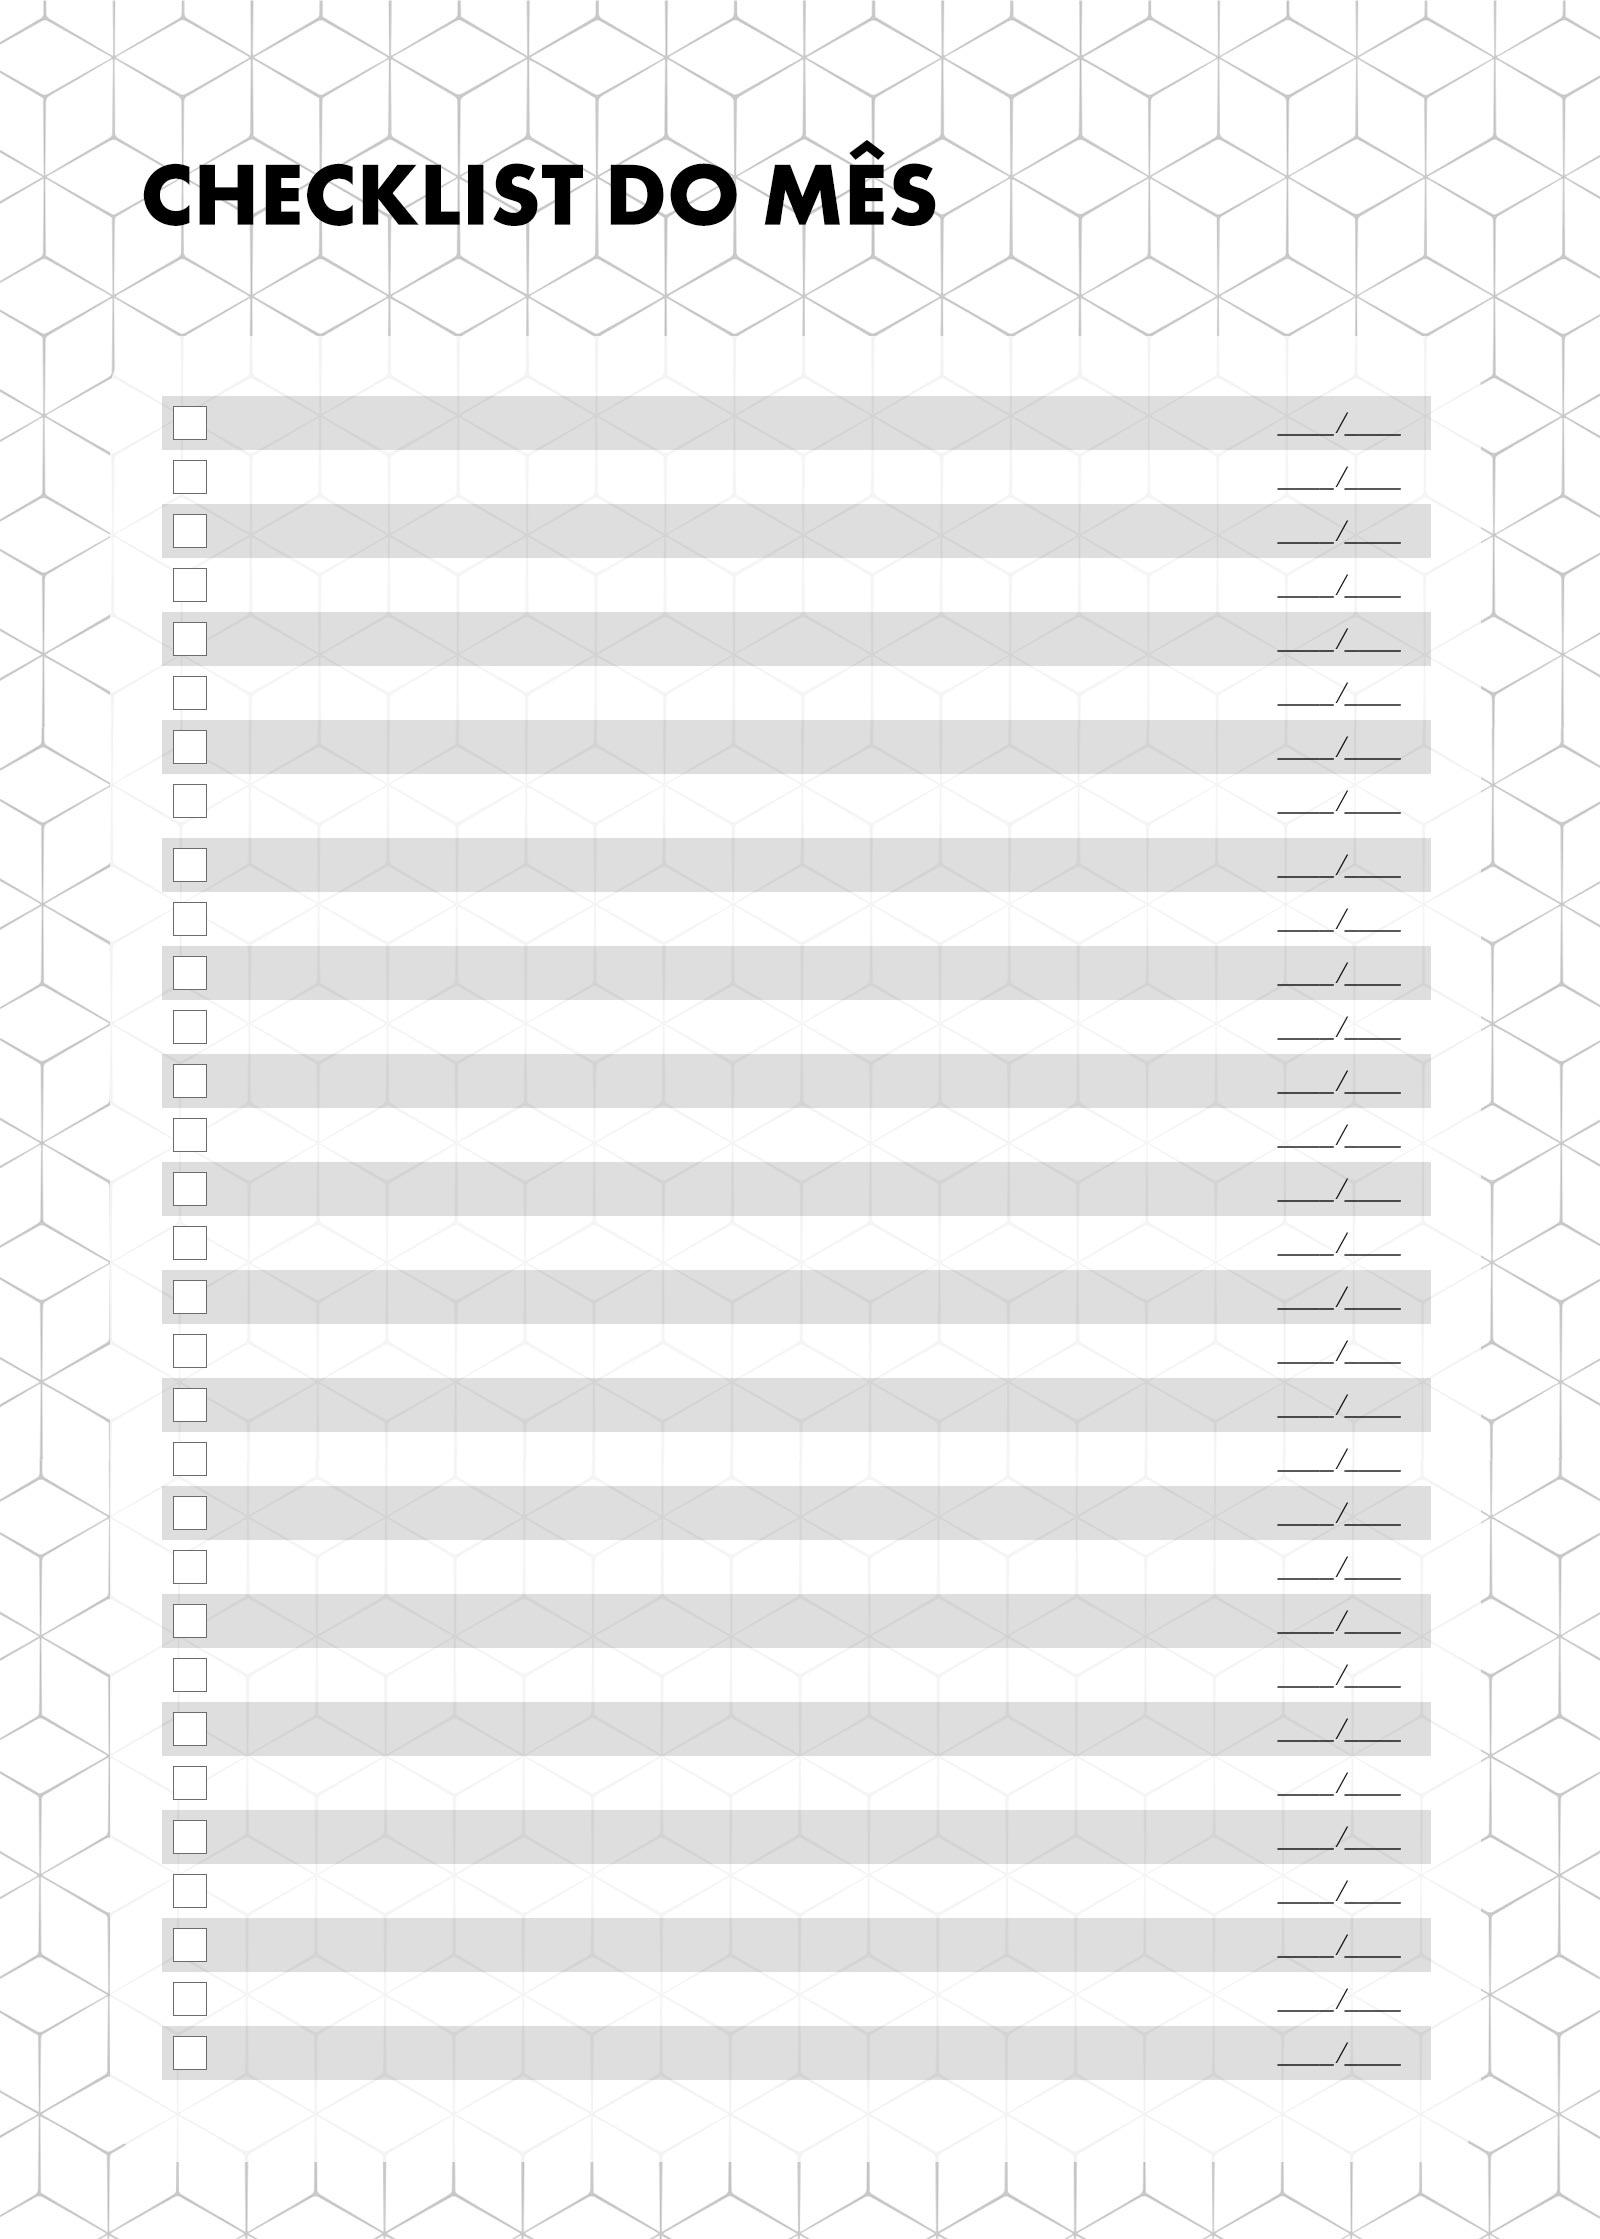 Planner 2021 Preto e Branco Checklist Mensal